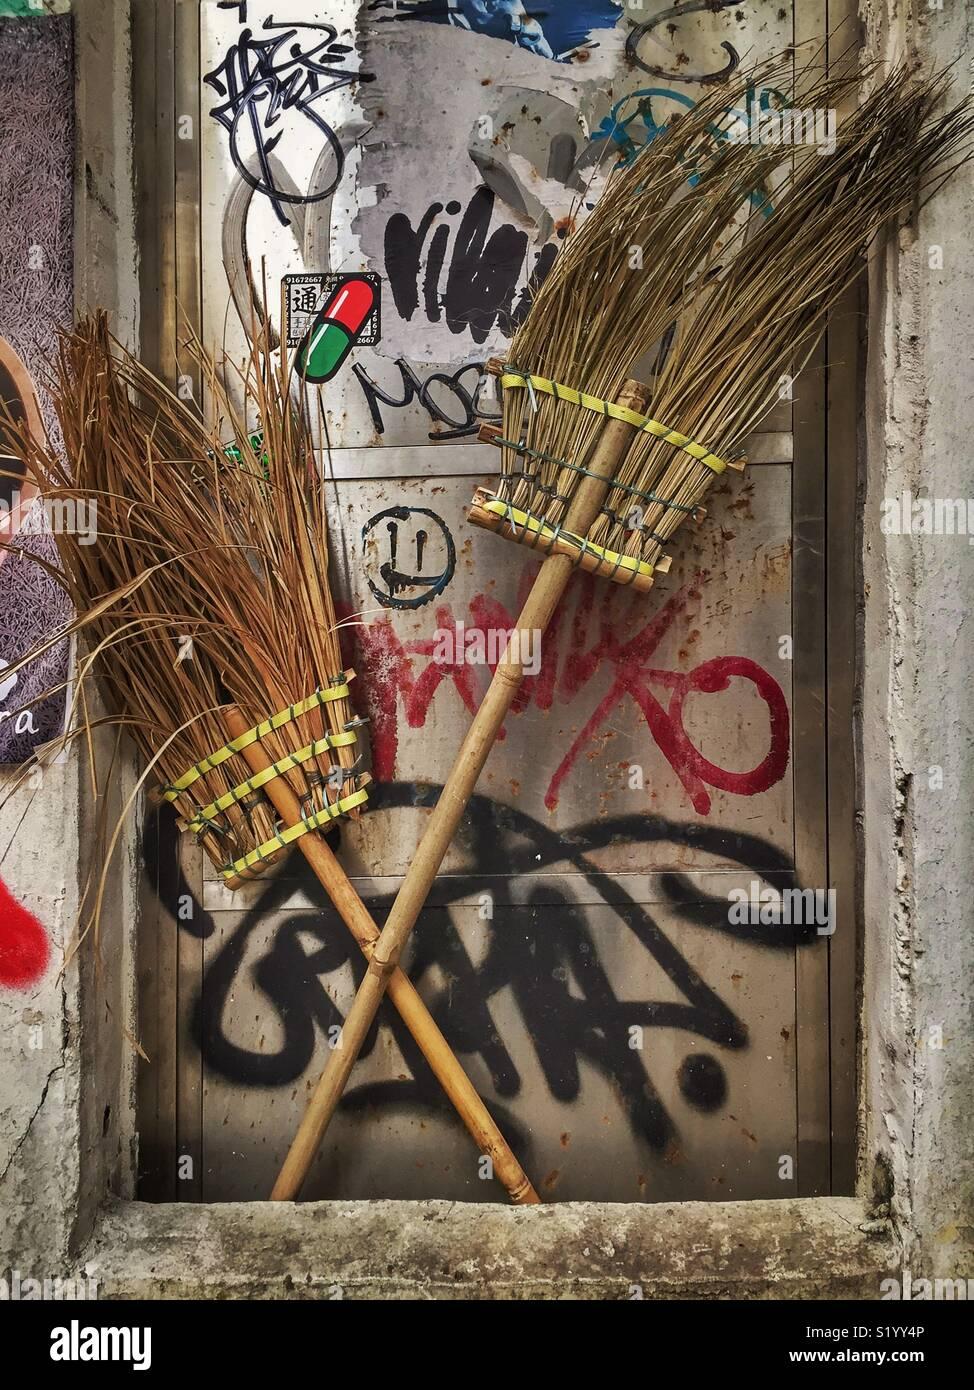 Traditional Chinese brooms and graffiti, Sai Ying Pun, Hong Kong Island Stock Photo